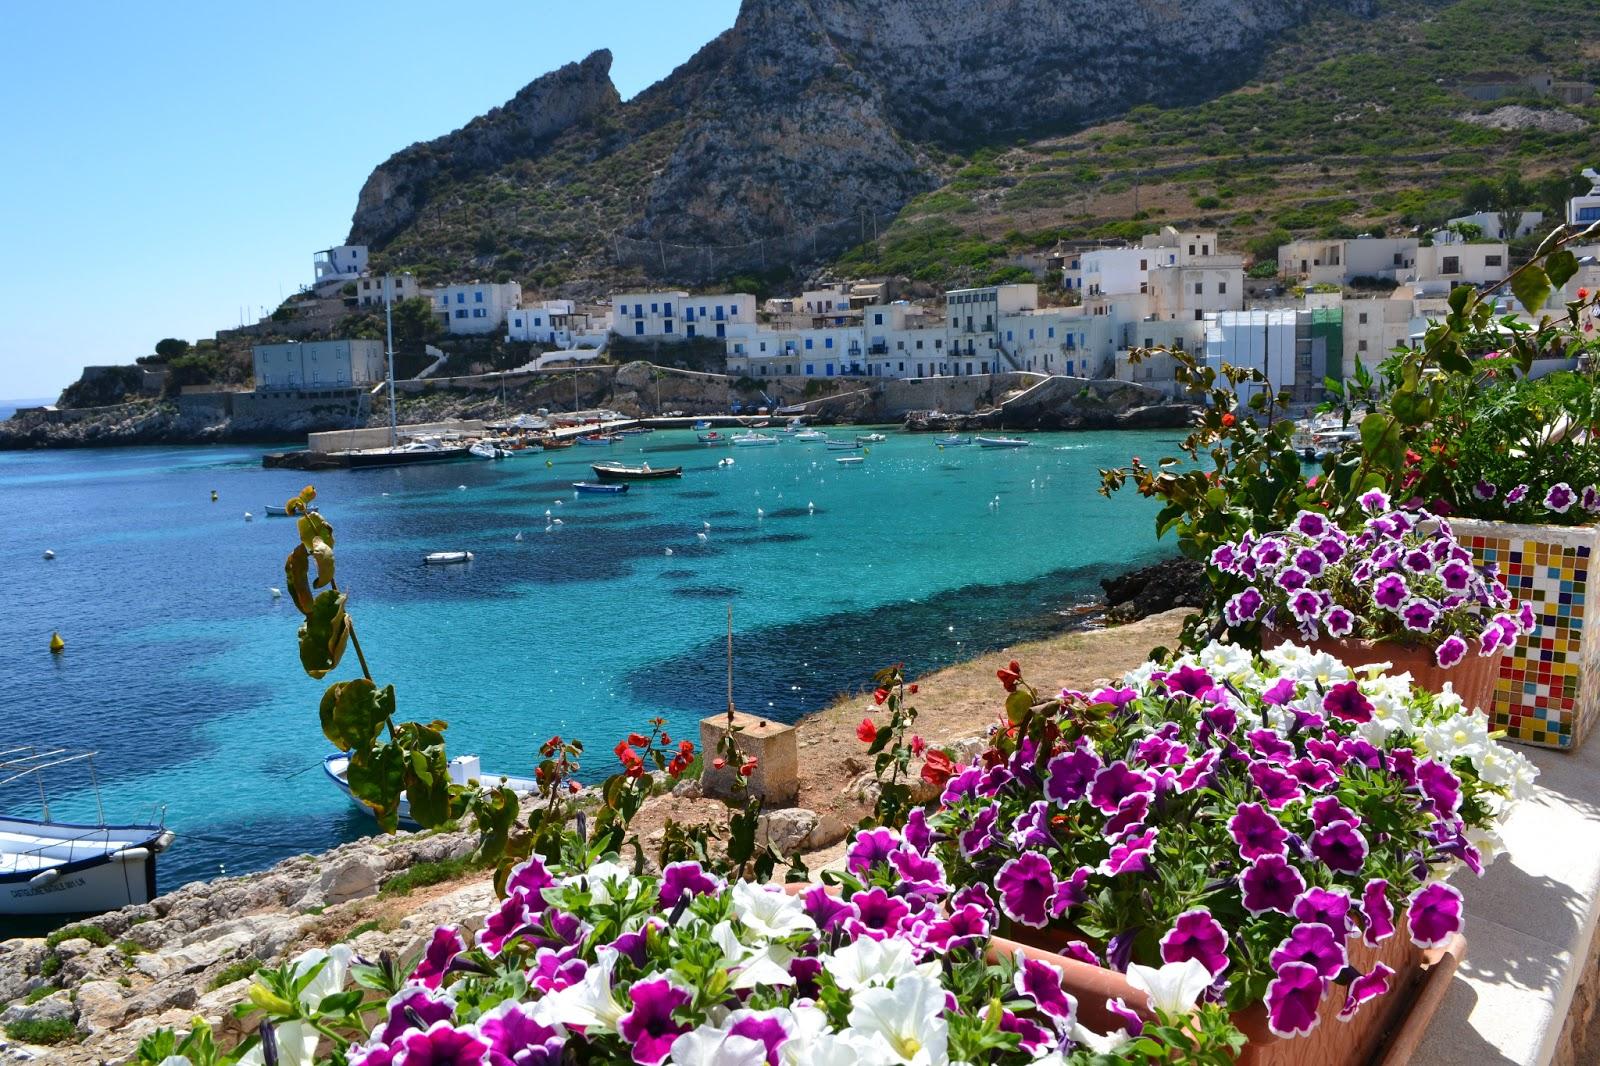 Croisière en voilier à travers les îles Eoliennes de Sicile